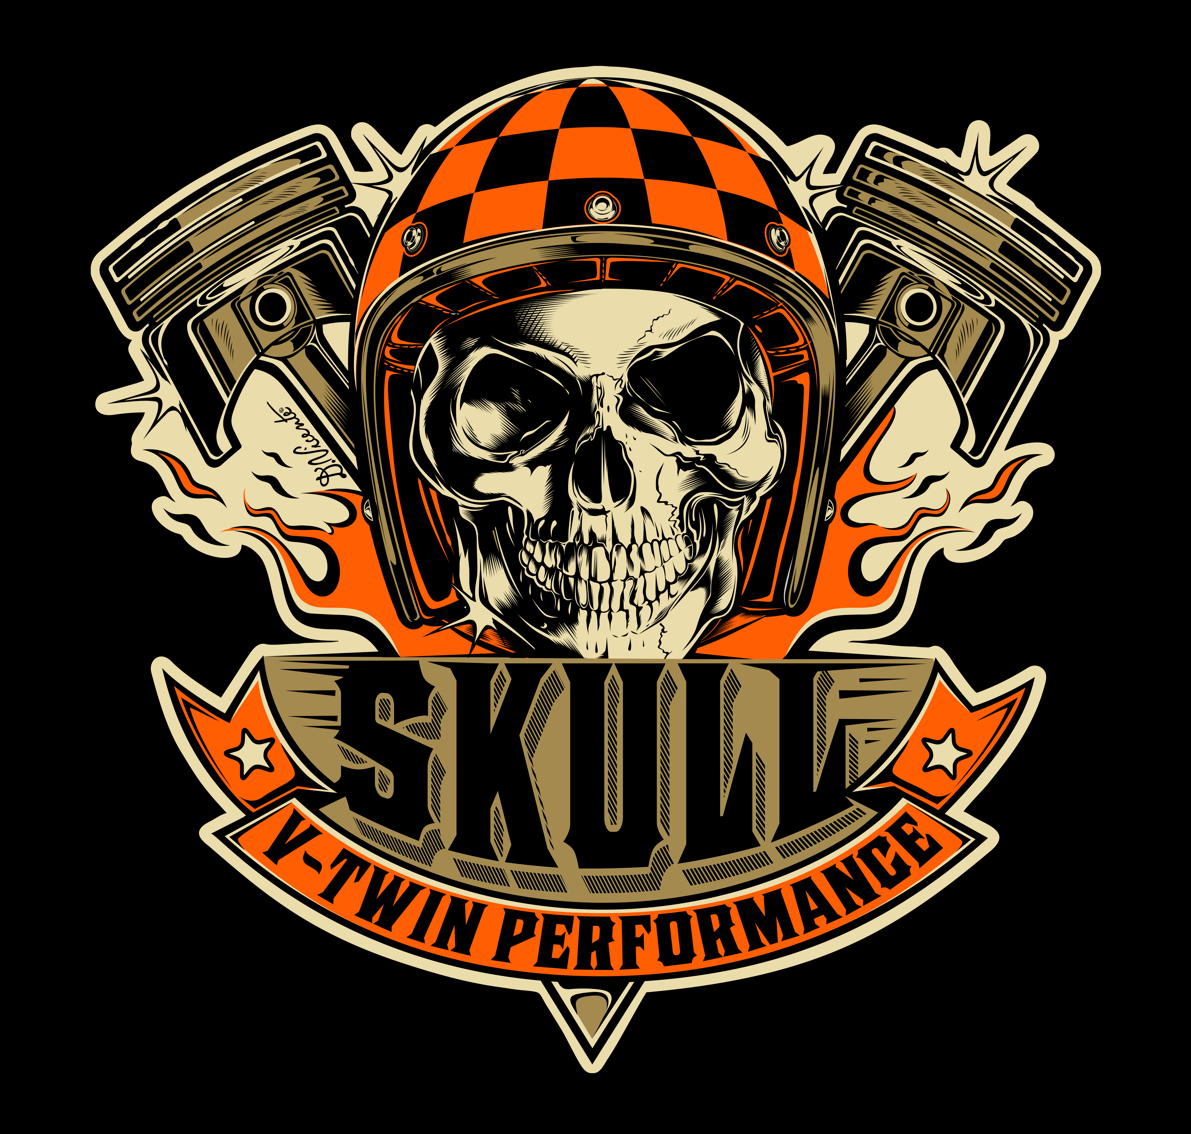 Logo design SKULL VTWIN PERFORMANCE Brazil...2016